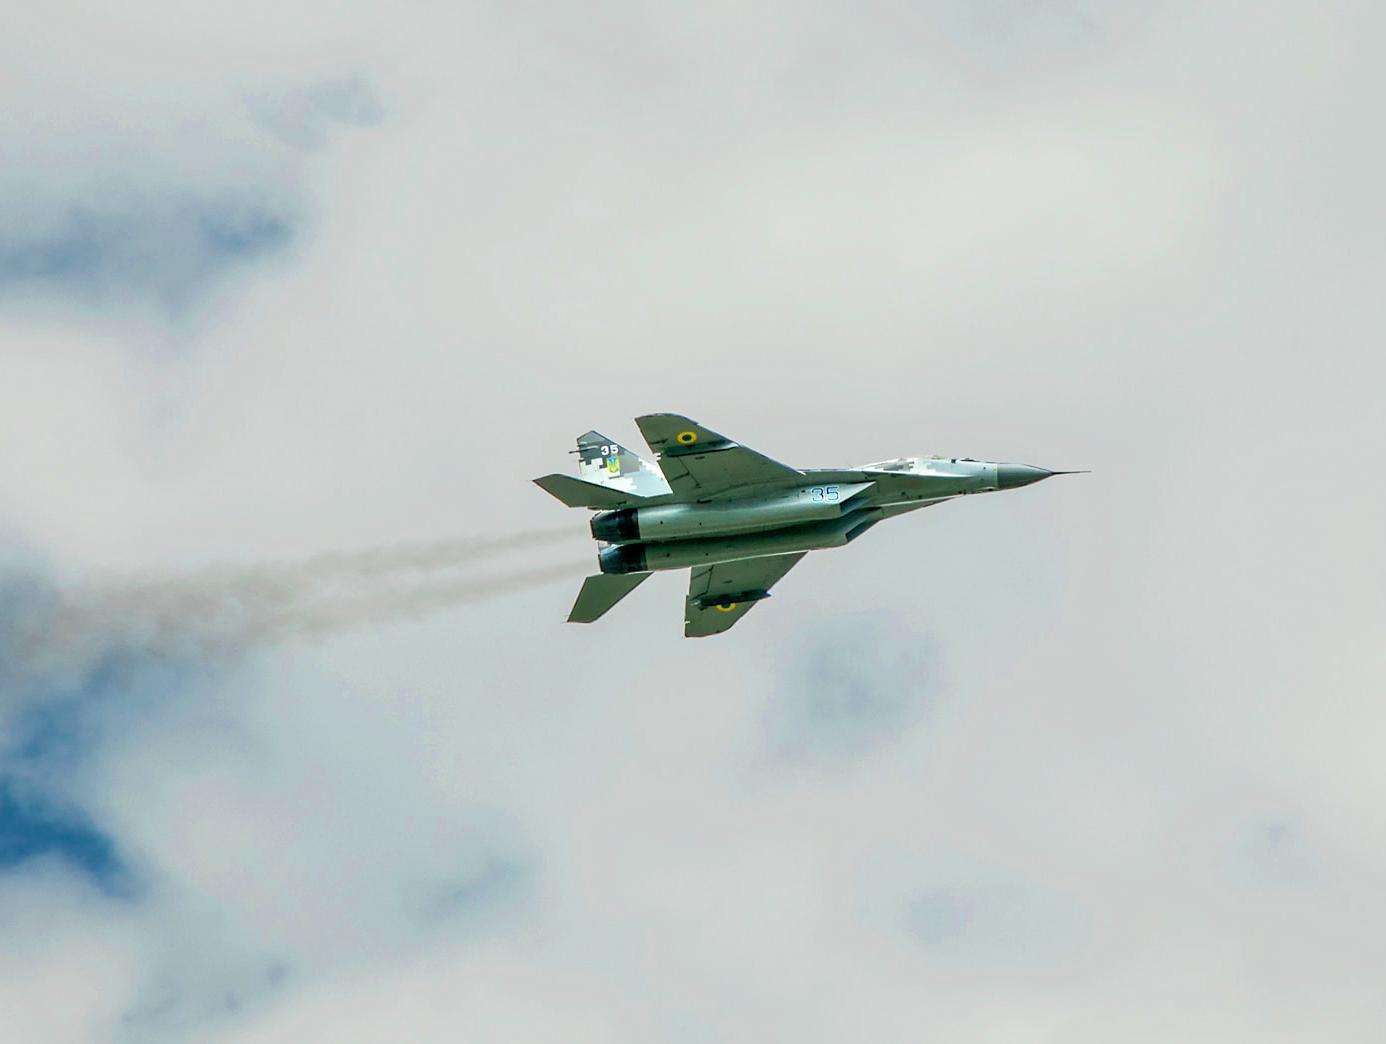 Міноборони показало тренування зенітних ракетних військ (ФОТО)